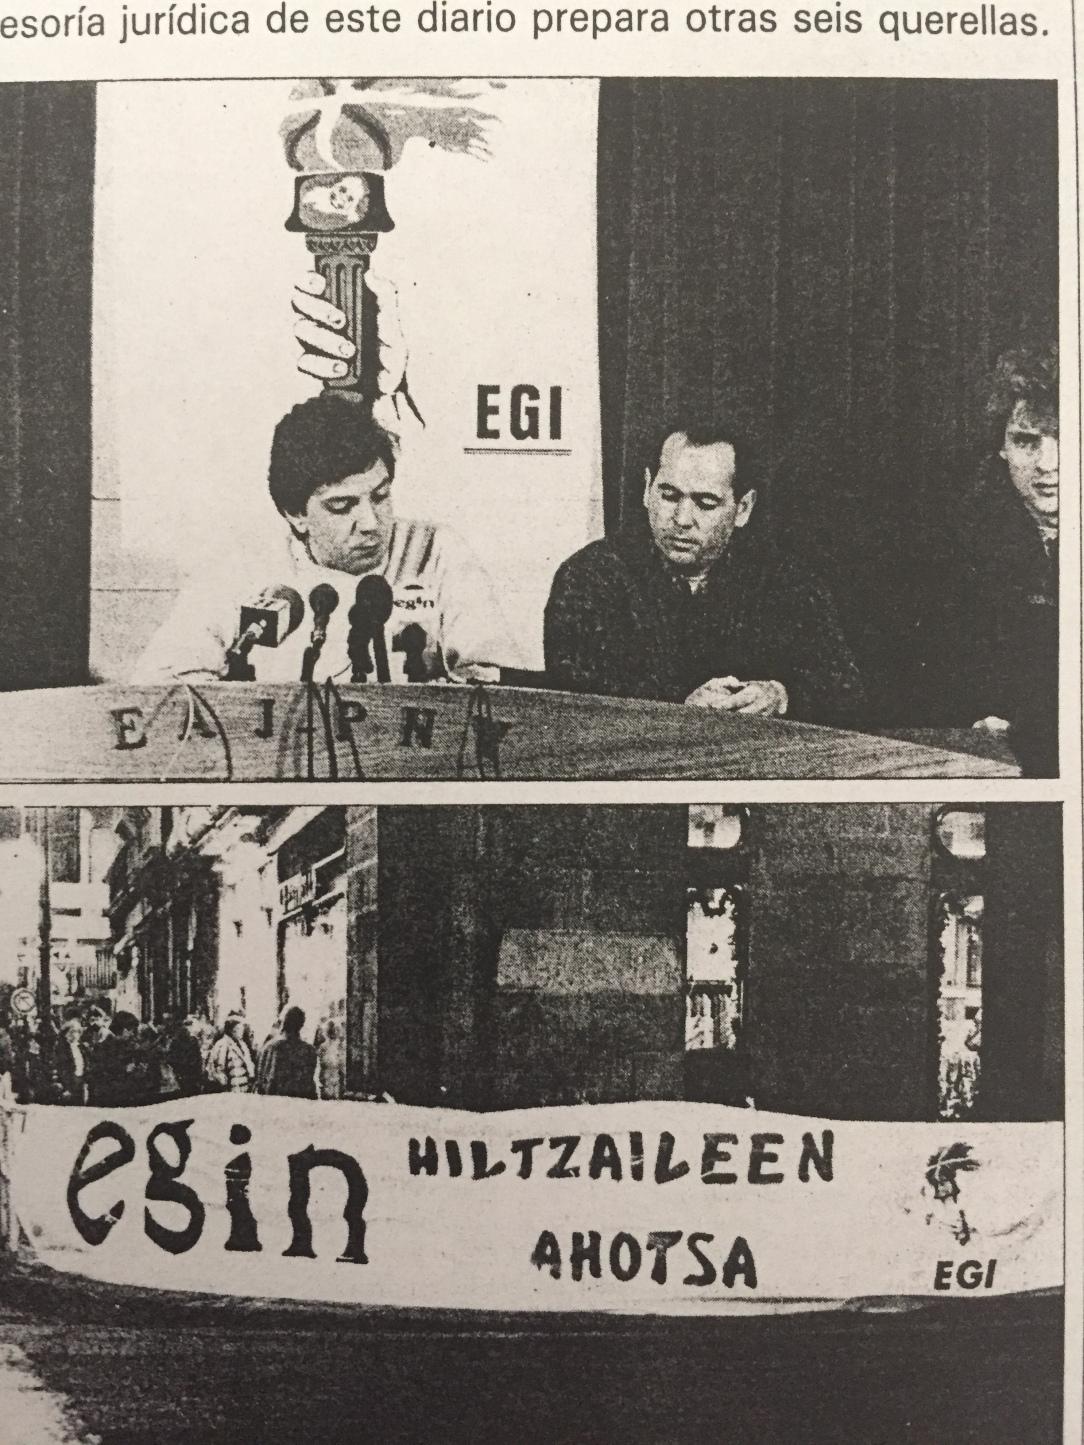 EGIN-IANTZI 1